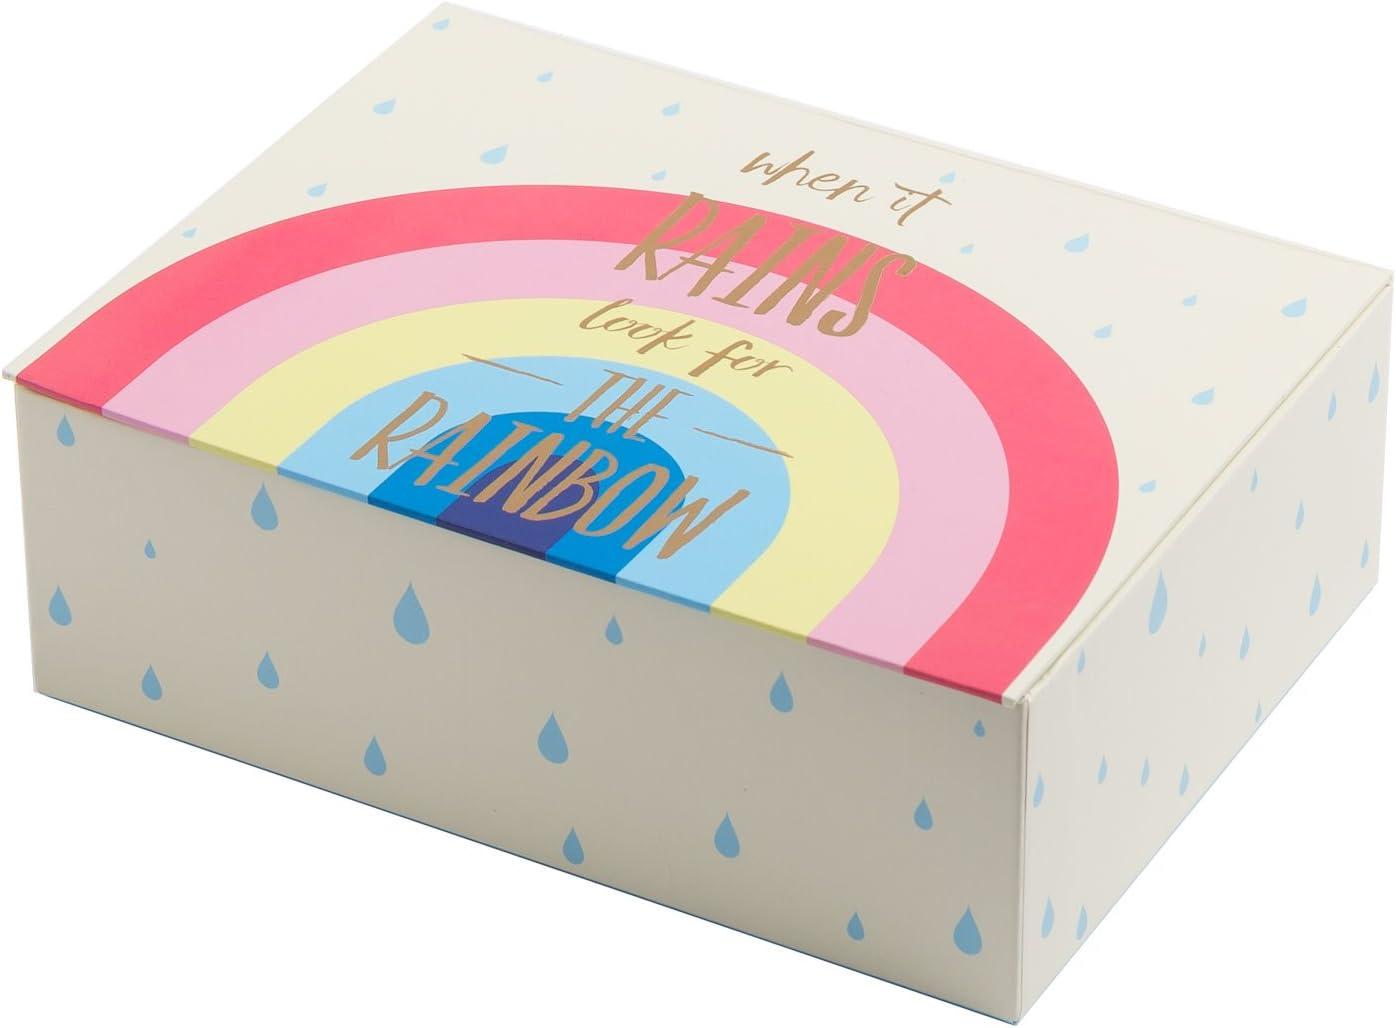 Creibo CBOX001 - Caja Cartón Decorada Arcoiris: Amazon.es: Hogar